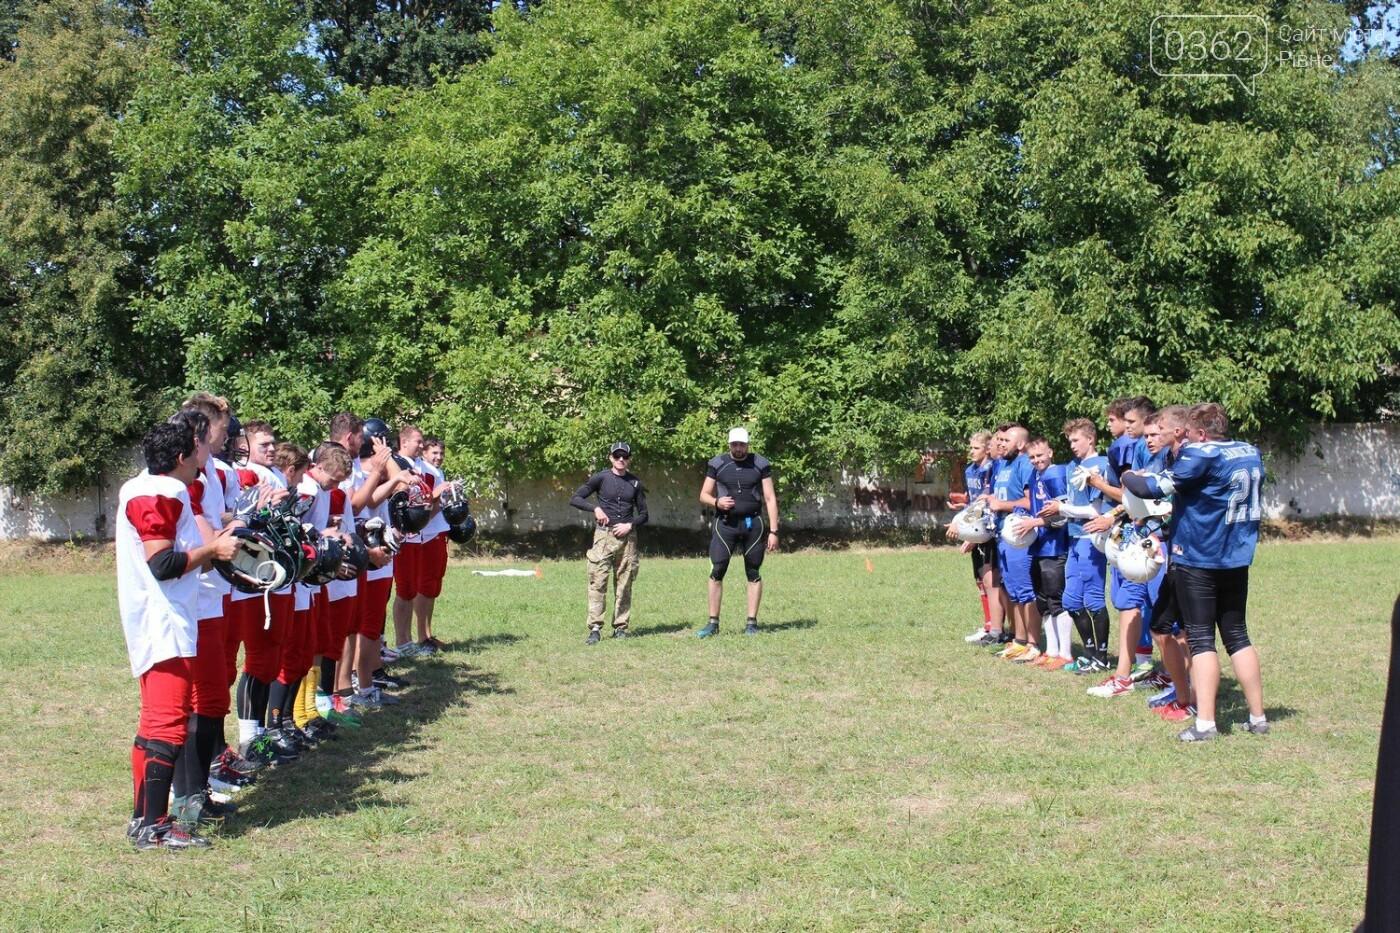 П'ять команд України з американського футболу зібралися на тренувальний табір на Рівненщині (ФОТОРЕПОРТАЖ), фото-9